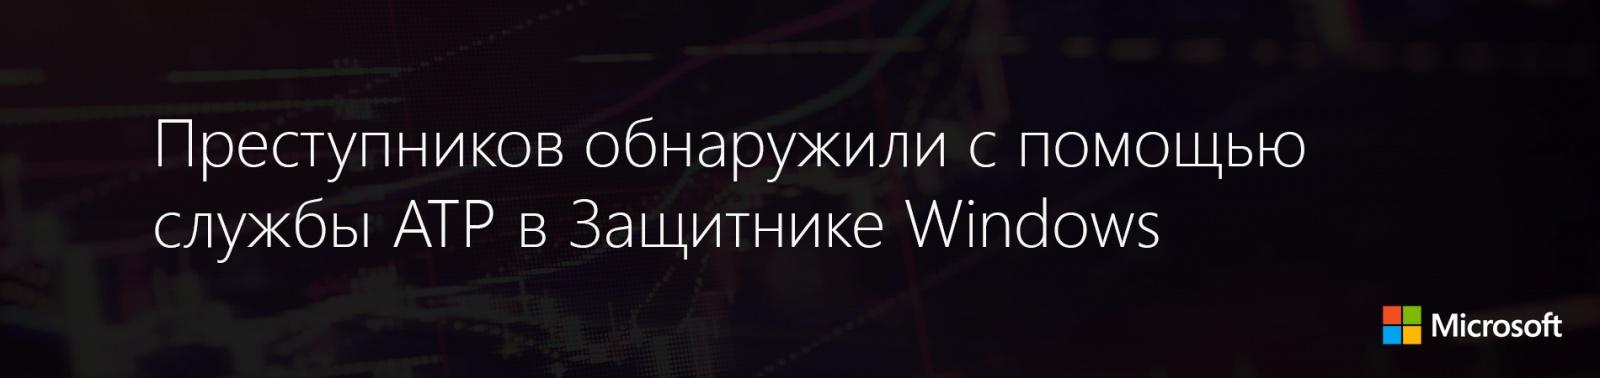 Преступников обнаружили с помощью службы ATP в Защитнике Windows - 1